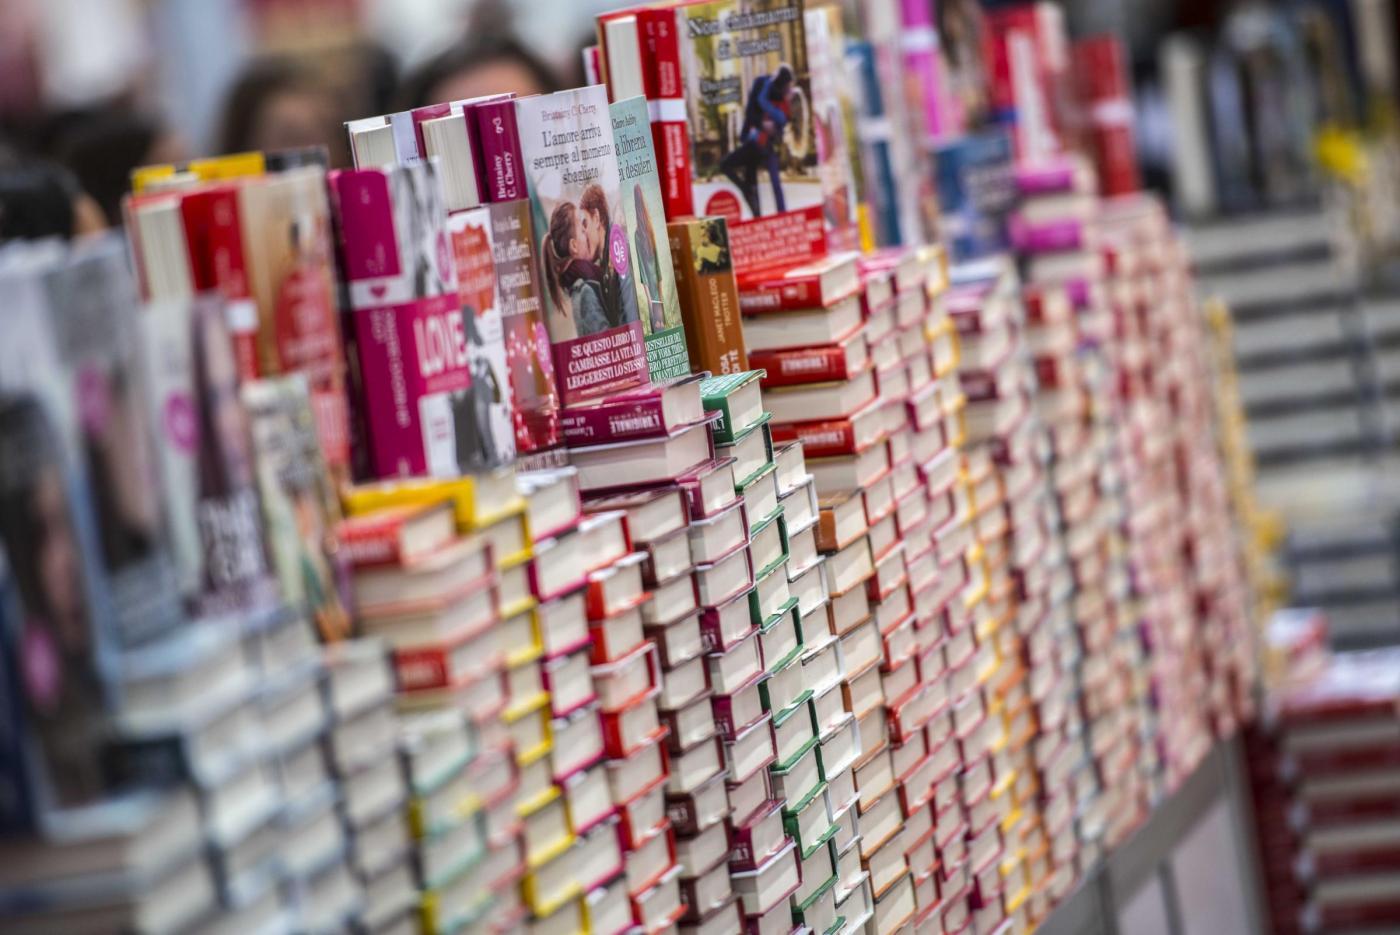 Salone del Libro di Torino 2017: date, programma e ospiti